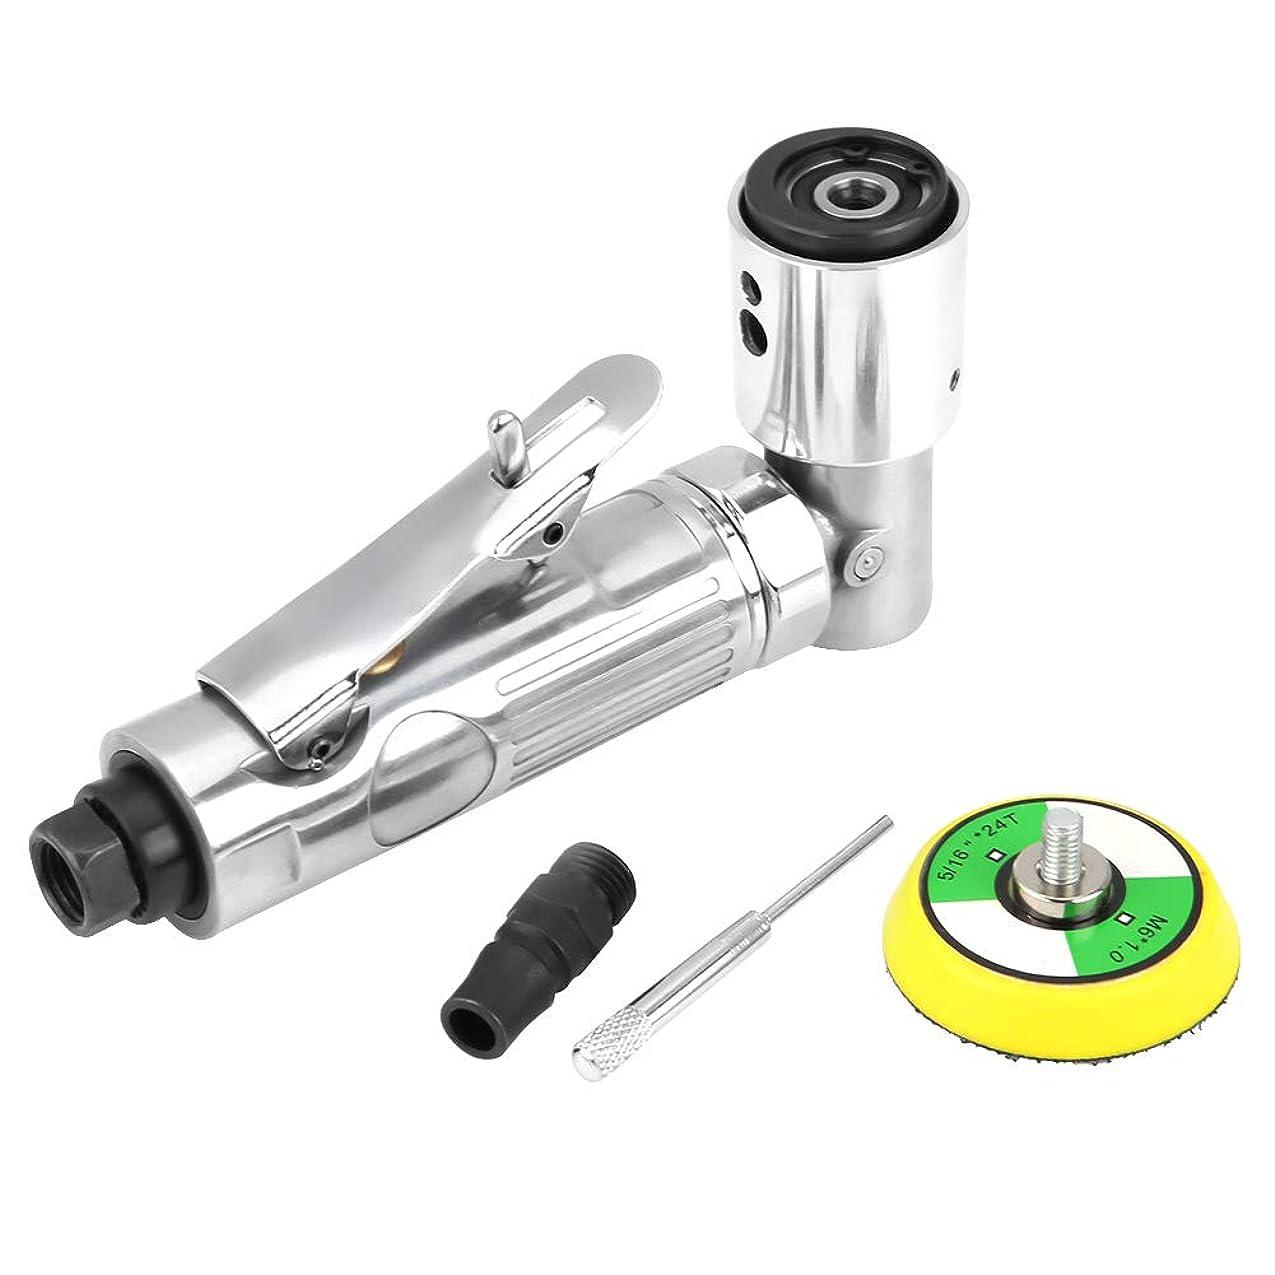 エアーダイグラインダー、90度アングルダイグラインダー、使いやすい、エアー研削工具